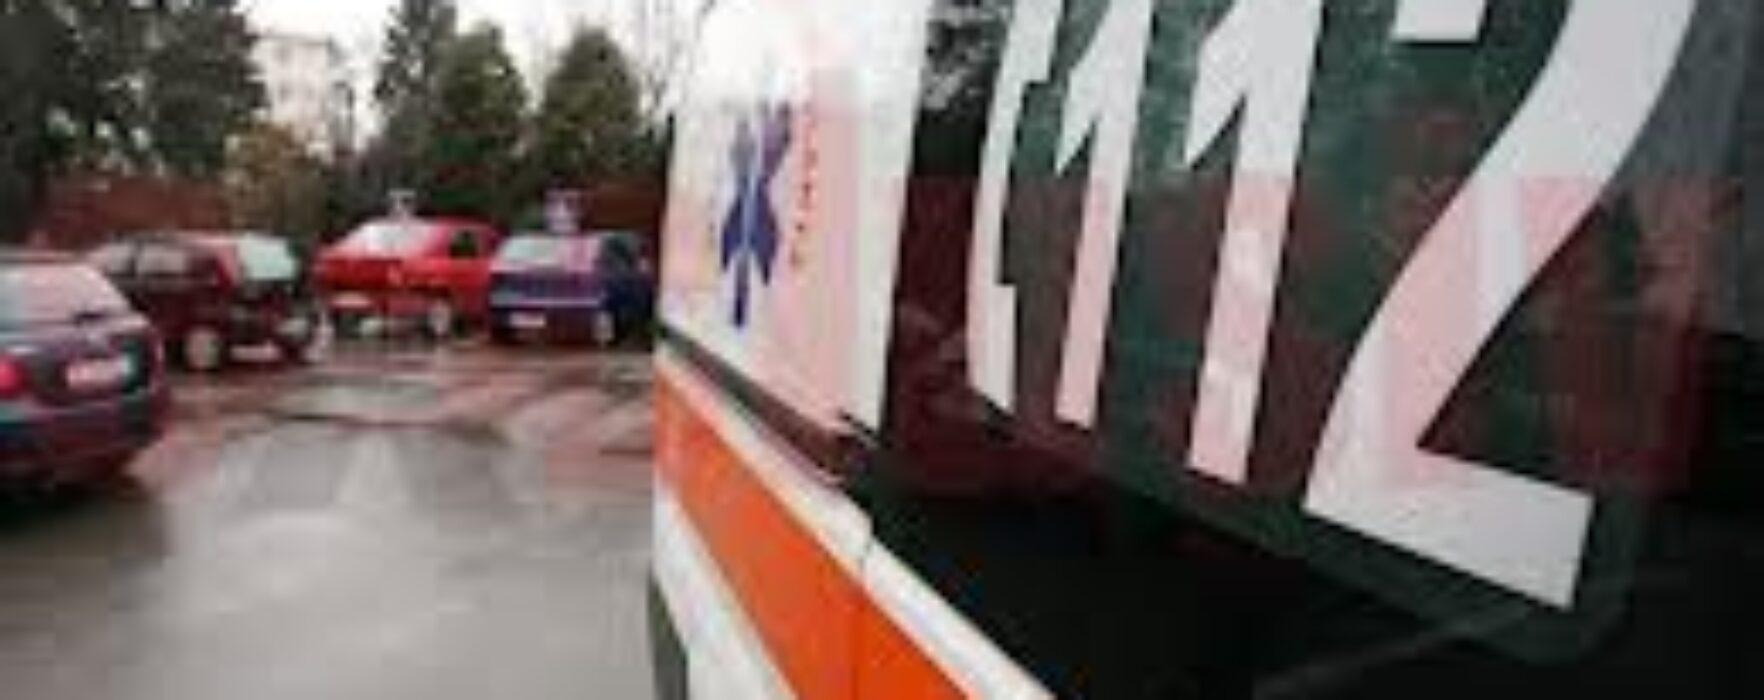 Dâmboviţa: Bărbat de 39 de ani a murit după ce un zid a căzut pe el